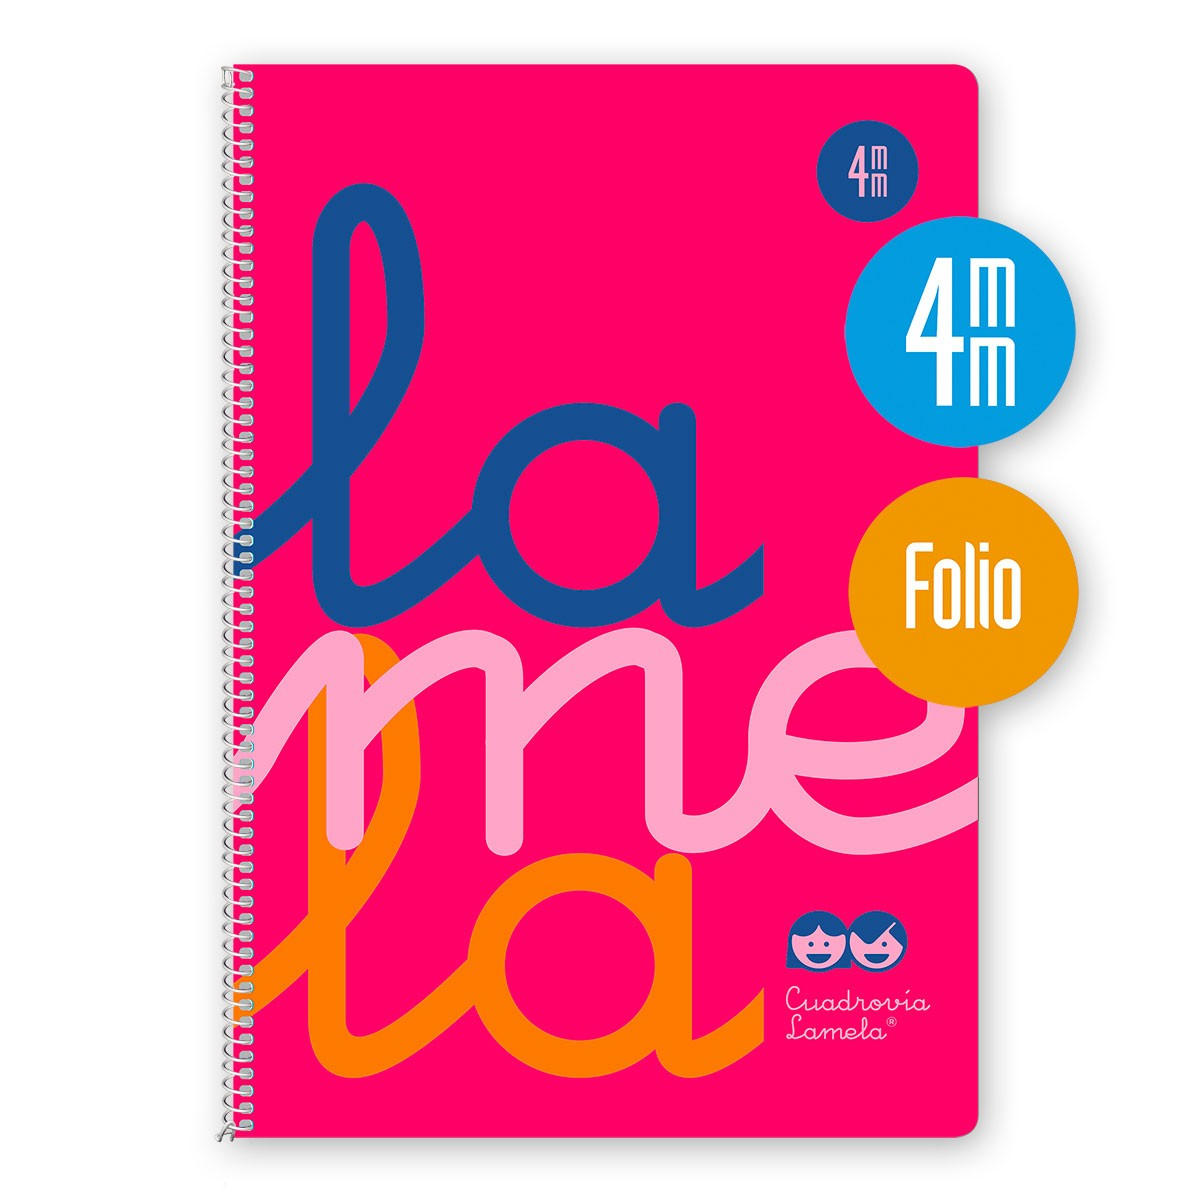 Cuaderno Espiral Folio 80 Hojas, 90 Grs. Cubierta Polipropileno Fluor. ROSA. Cuadrovía 4mm.